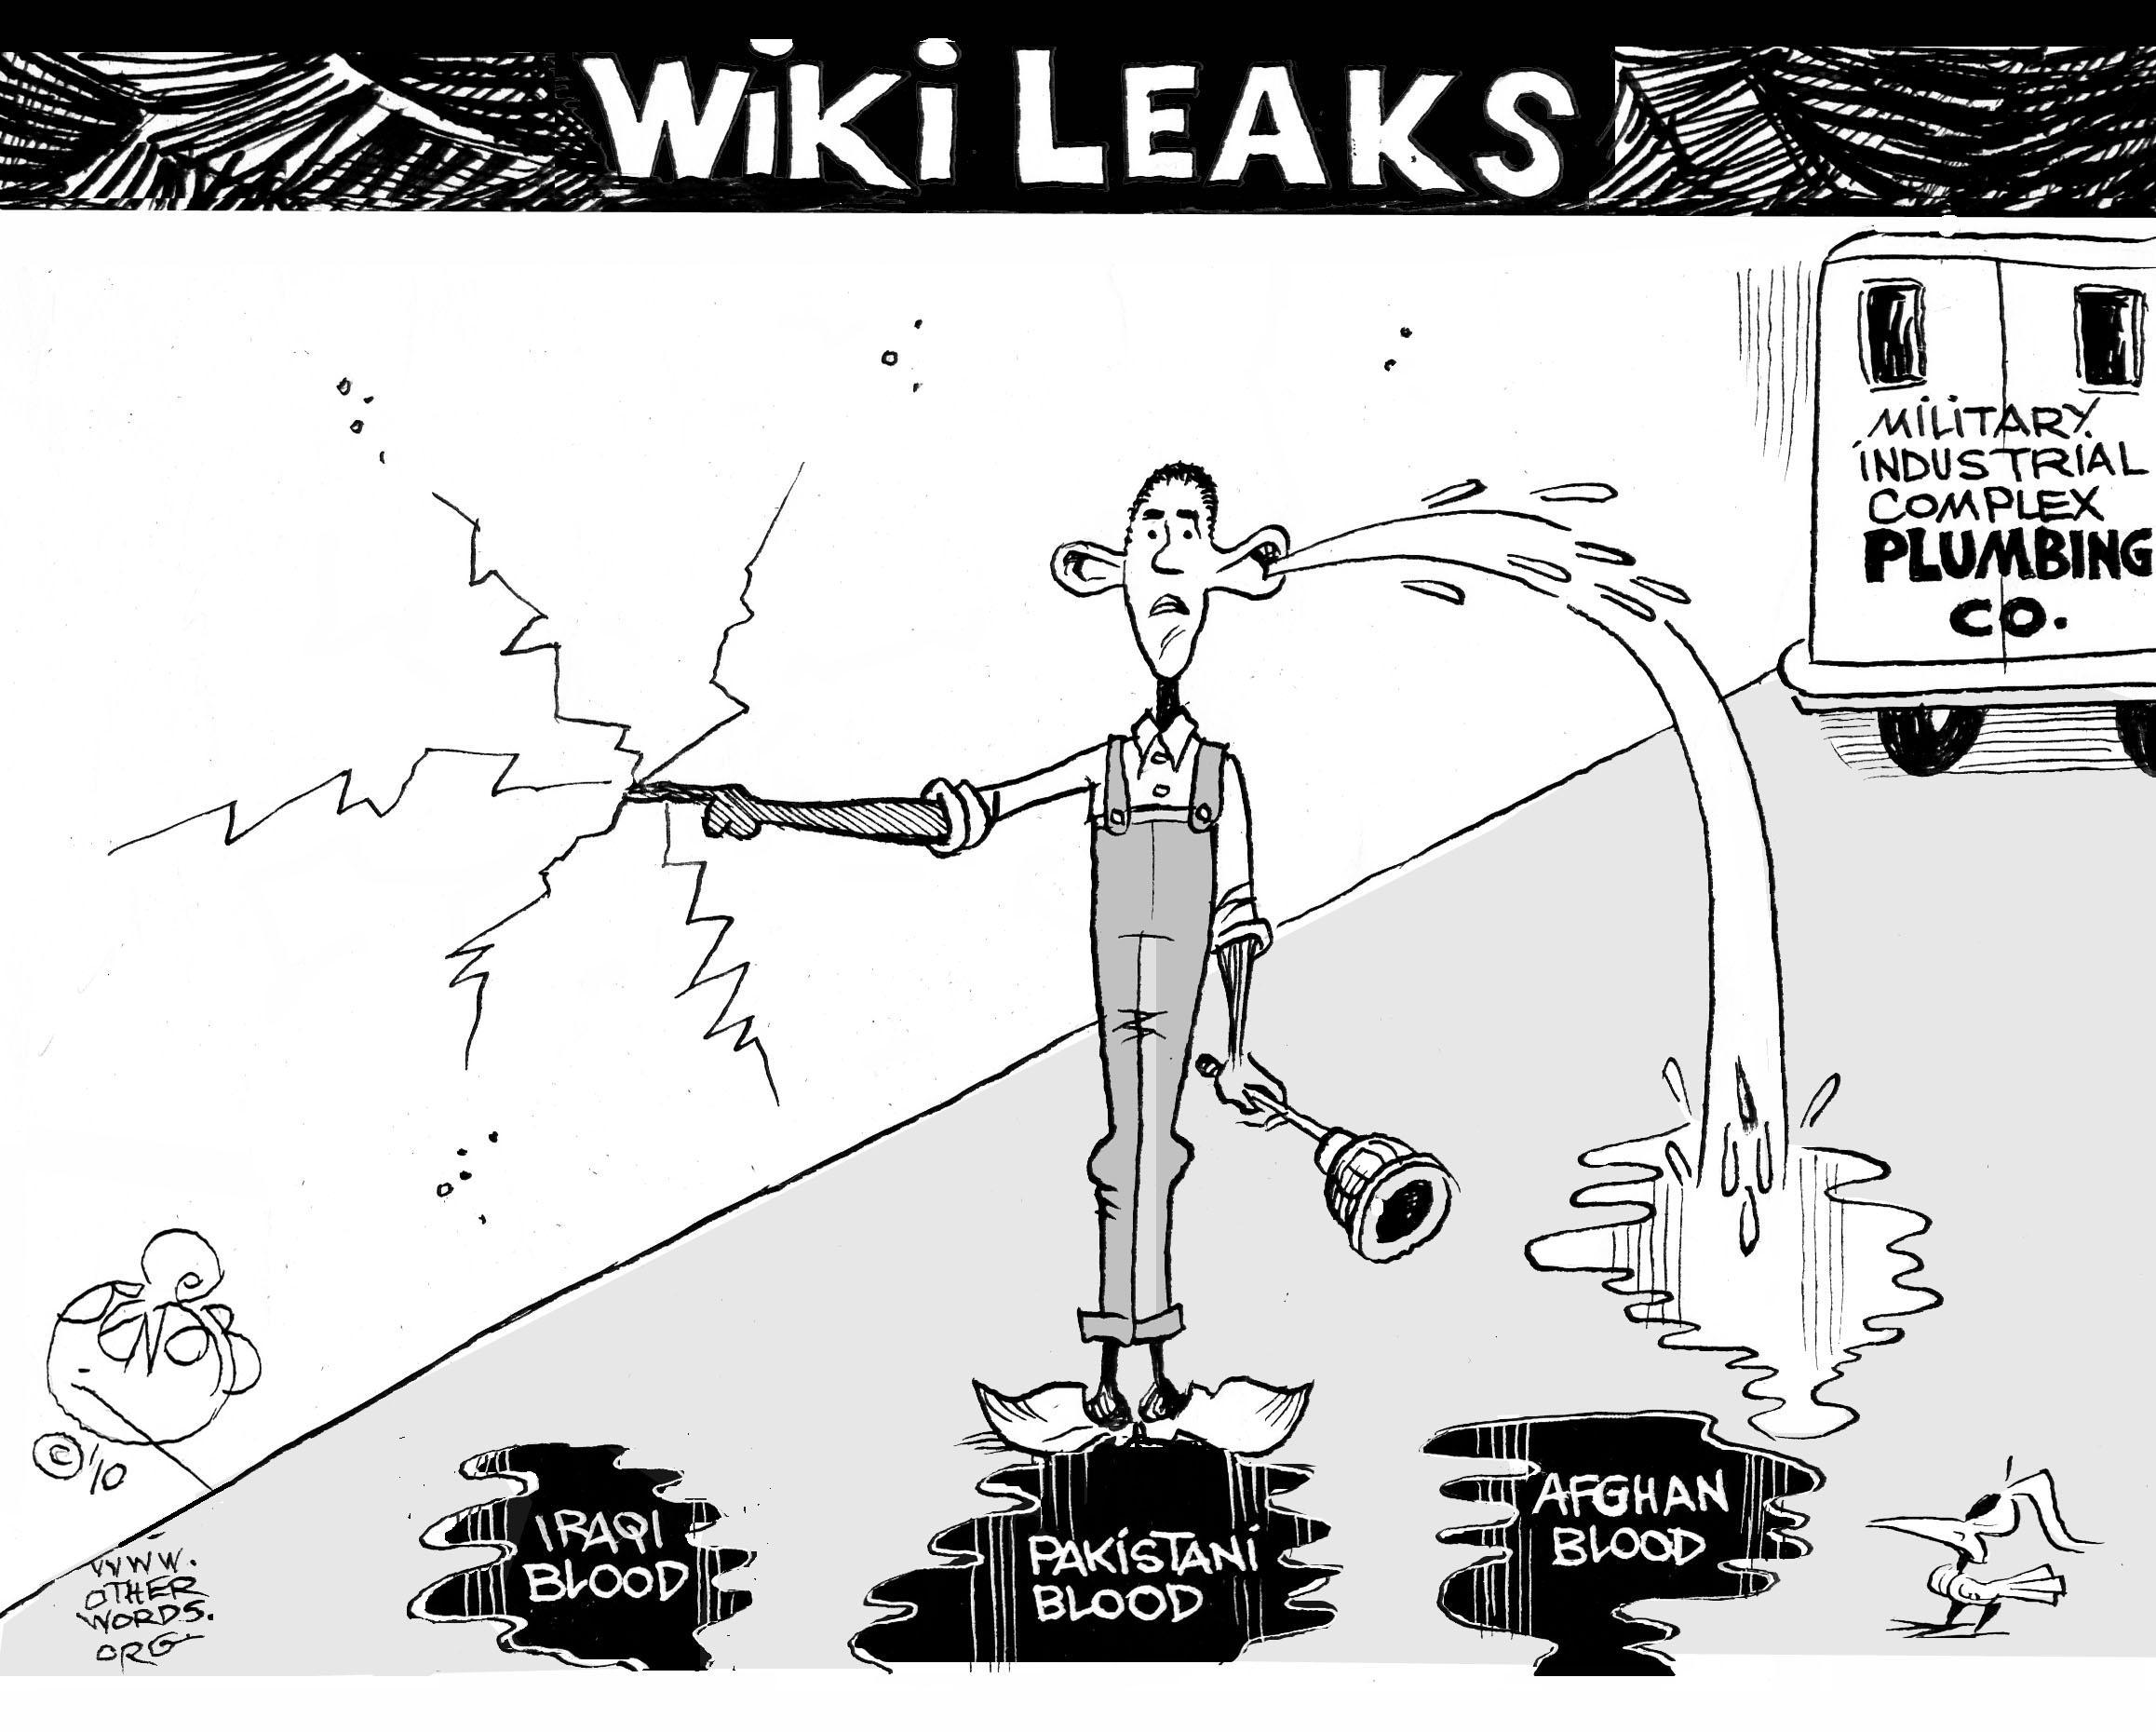 Plugging WikiLeaks